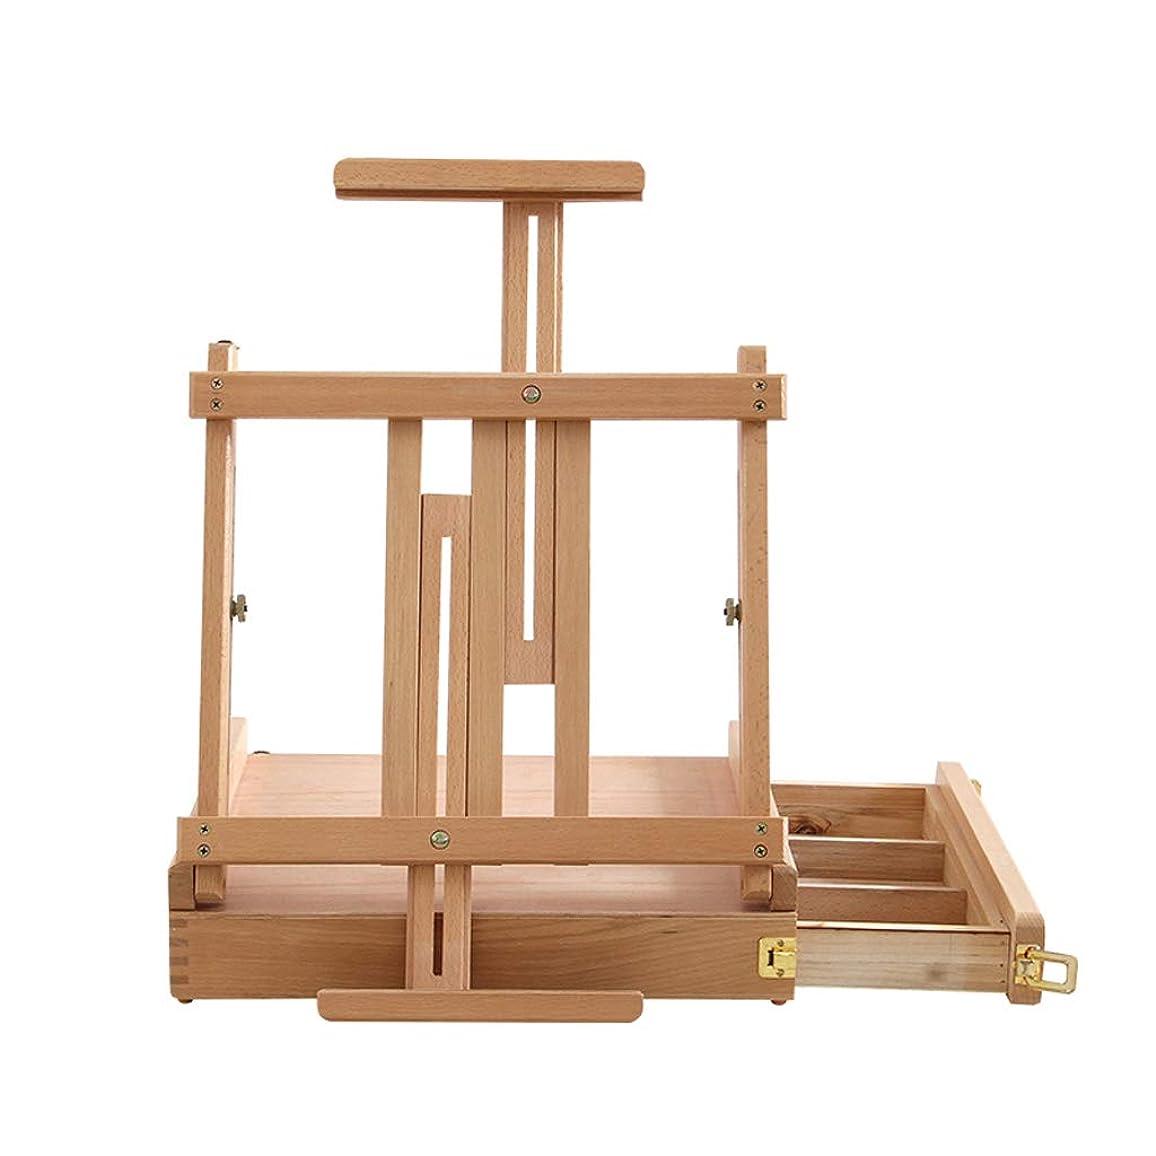 下に消費者賛美歌Djyyh 持ち上がることのために適した持ち上がるテーブル引出しのイーゼル、容易な運送および貯蔵のための折り畳み式のドア、